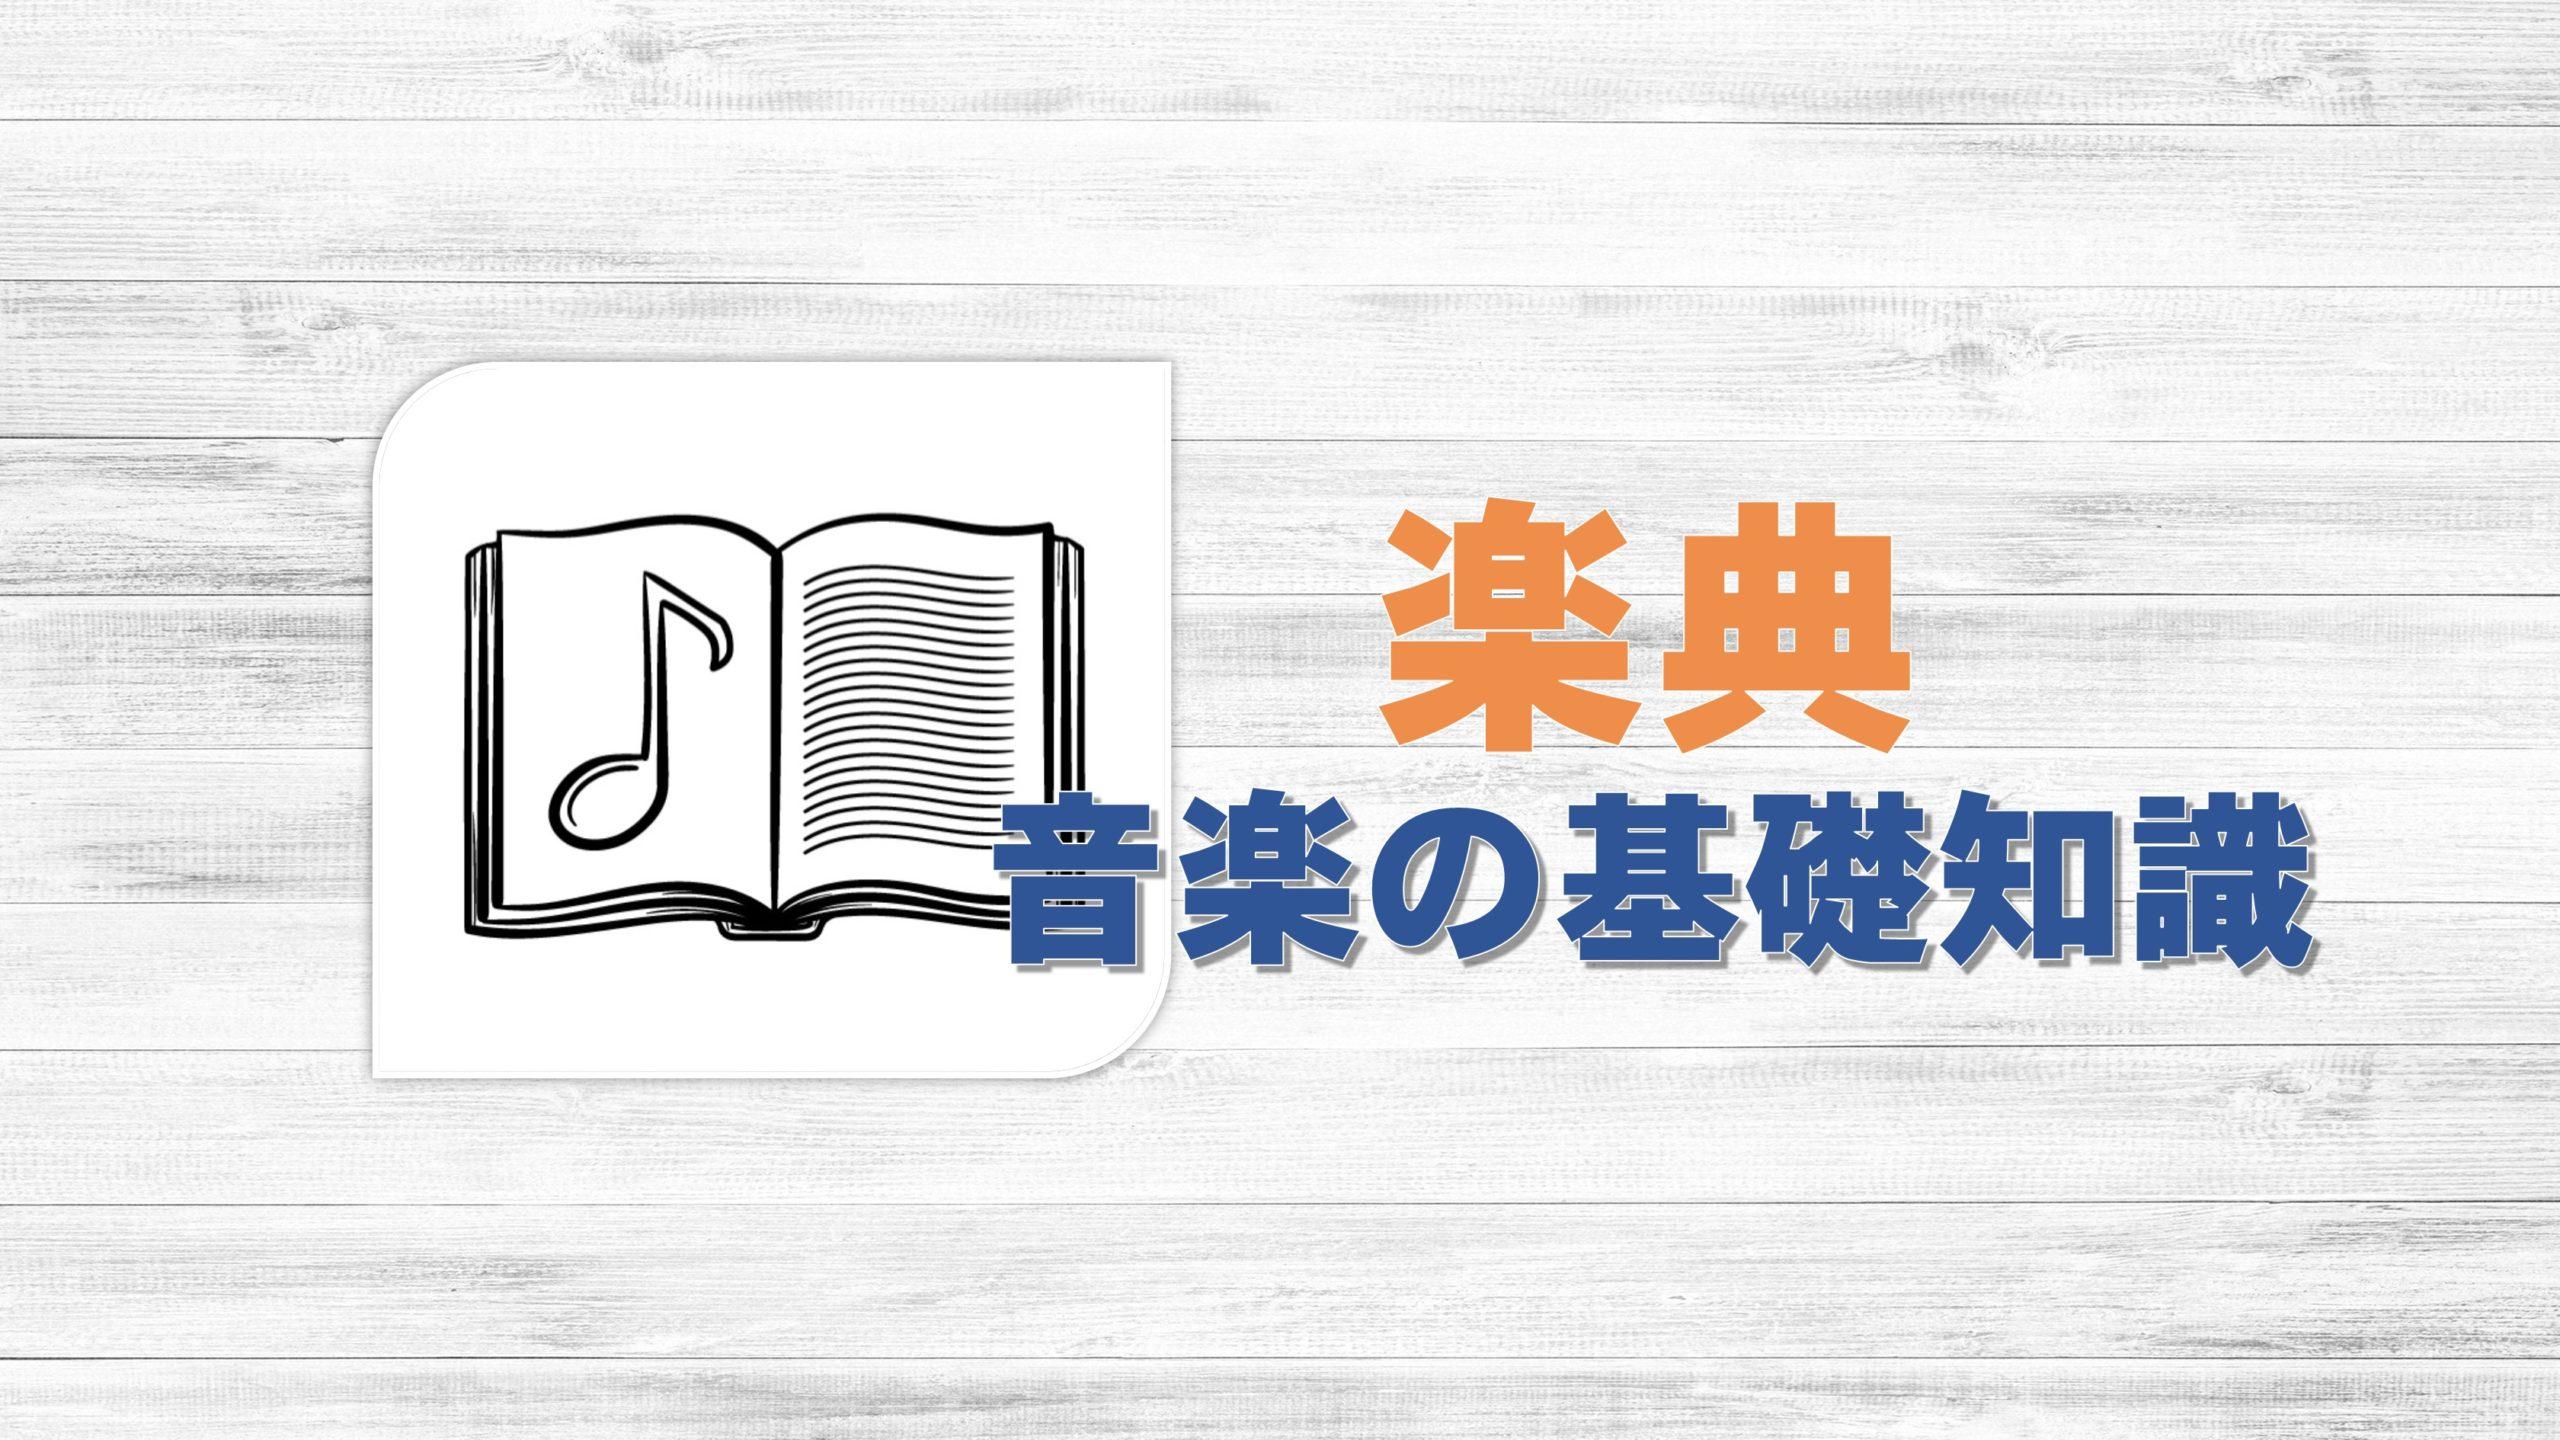 楽典とは?:初心者向けの解説とおすすめ本